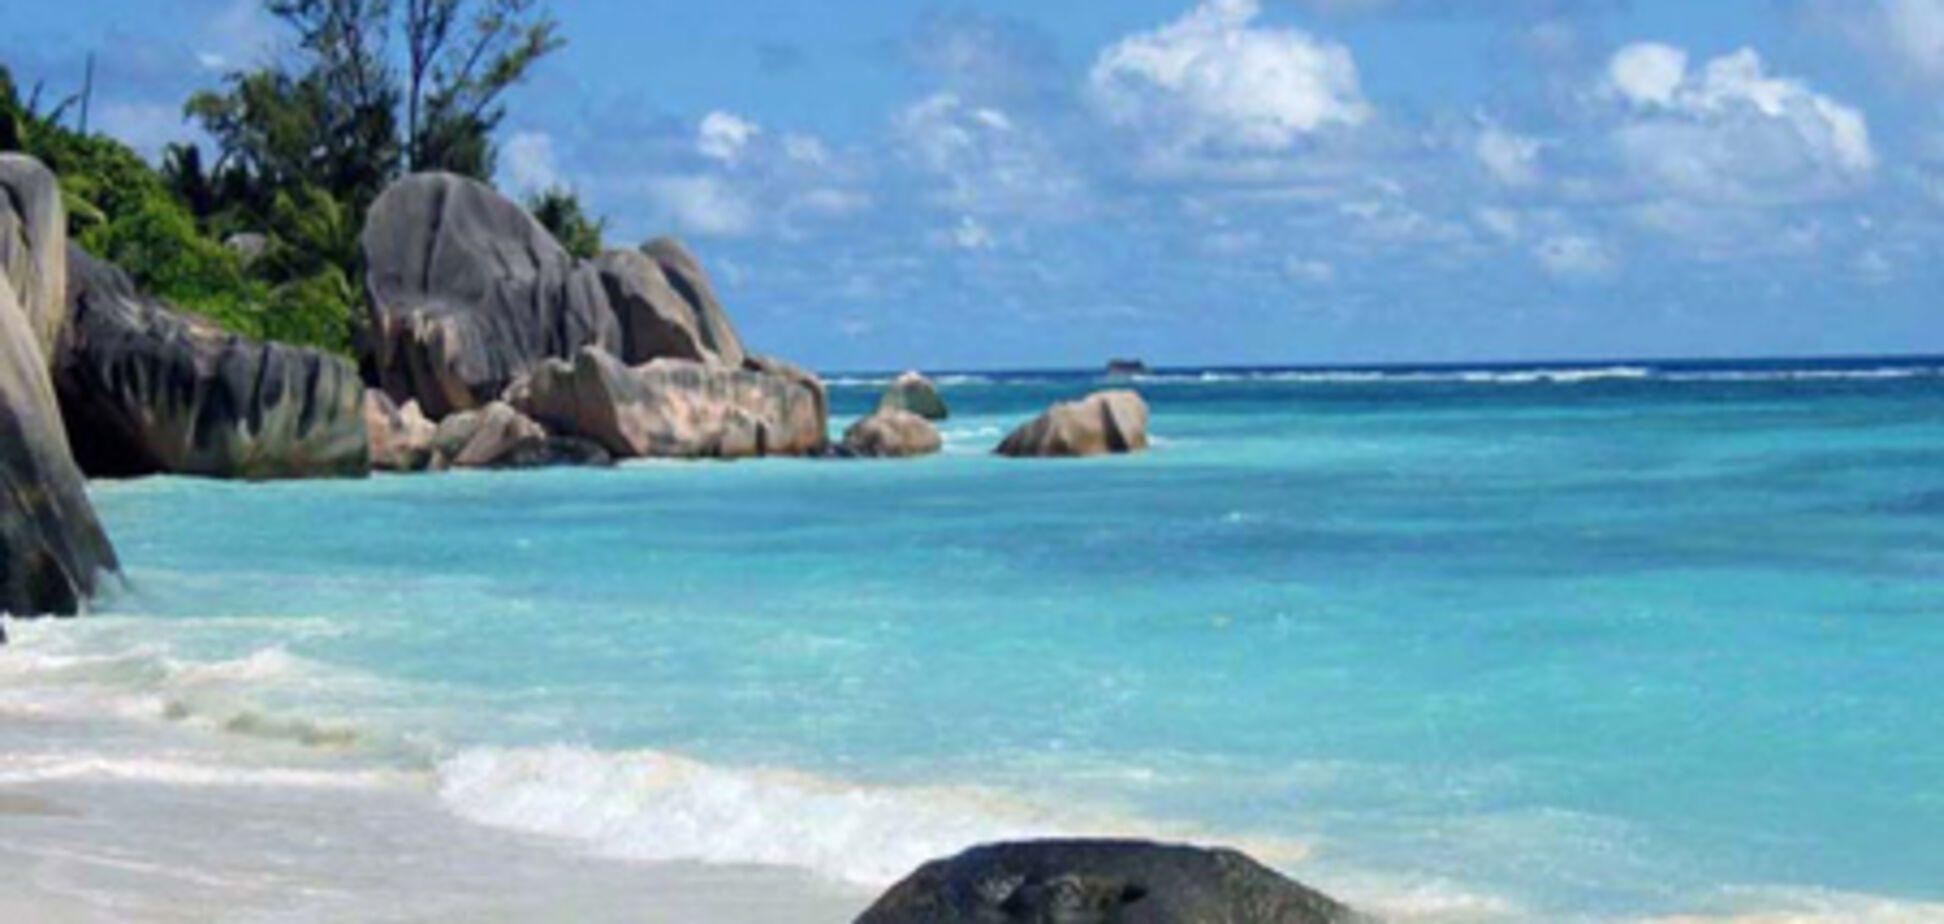 Одесситка подарила себе на Новый год остров на Багамах